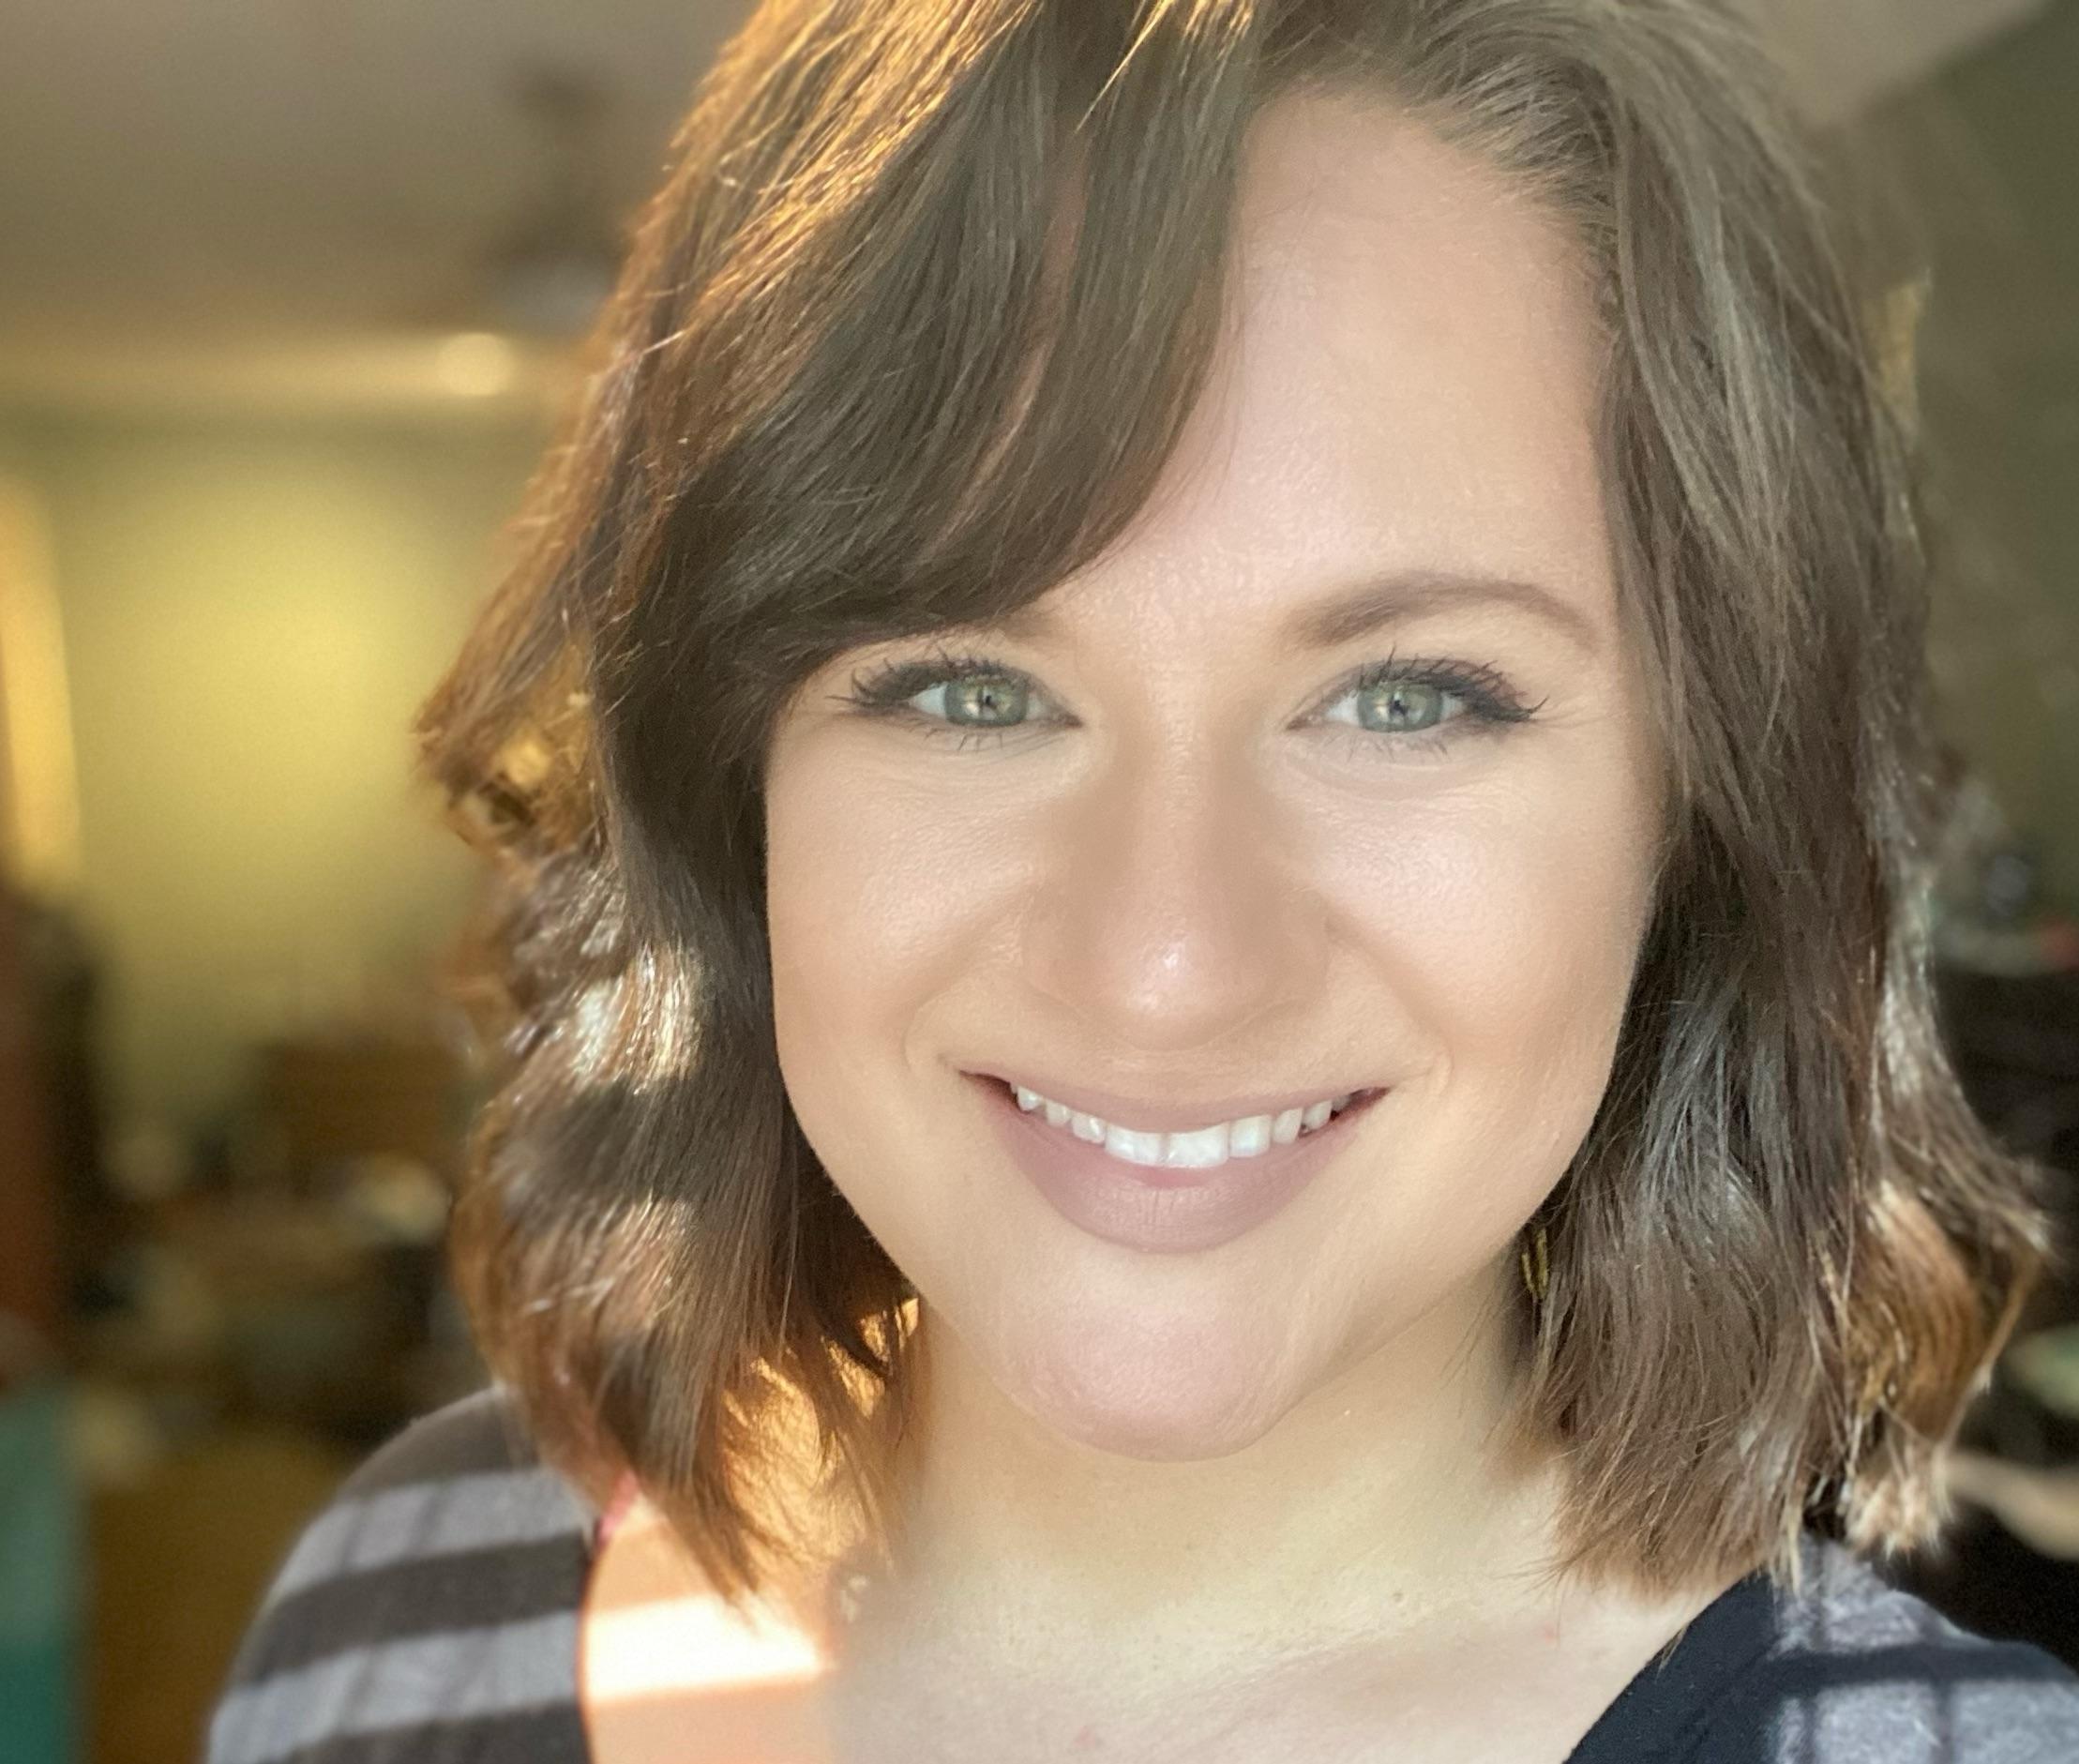 Leah Mihuc